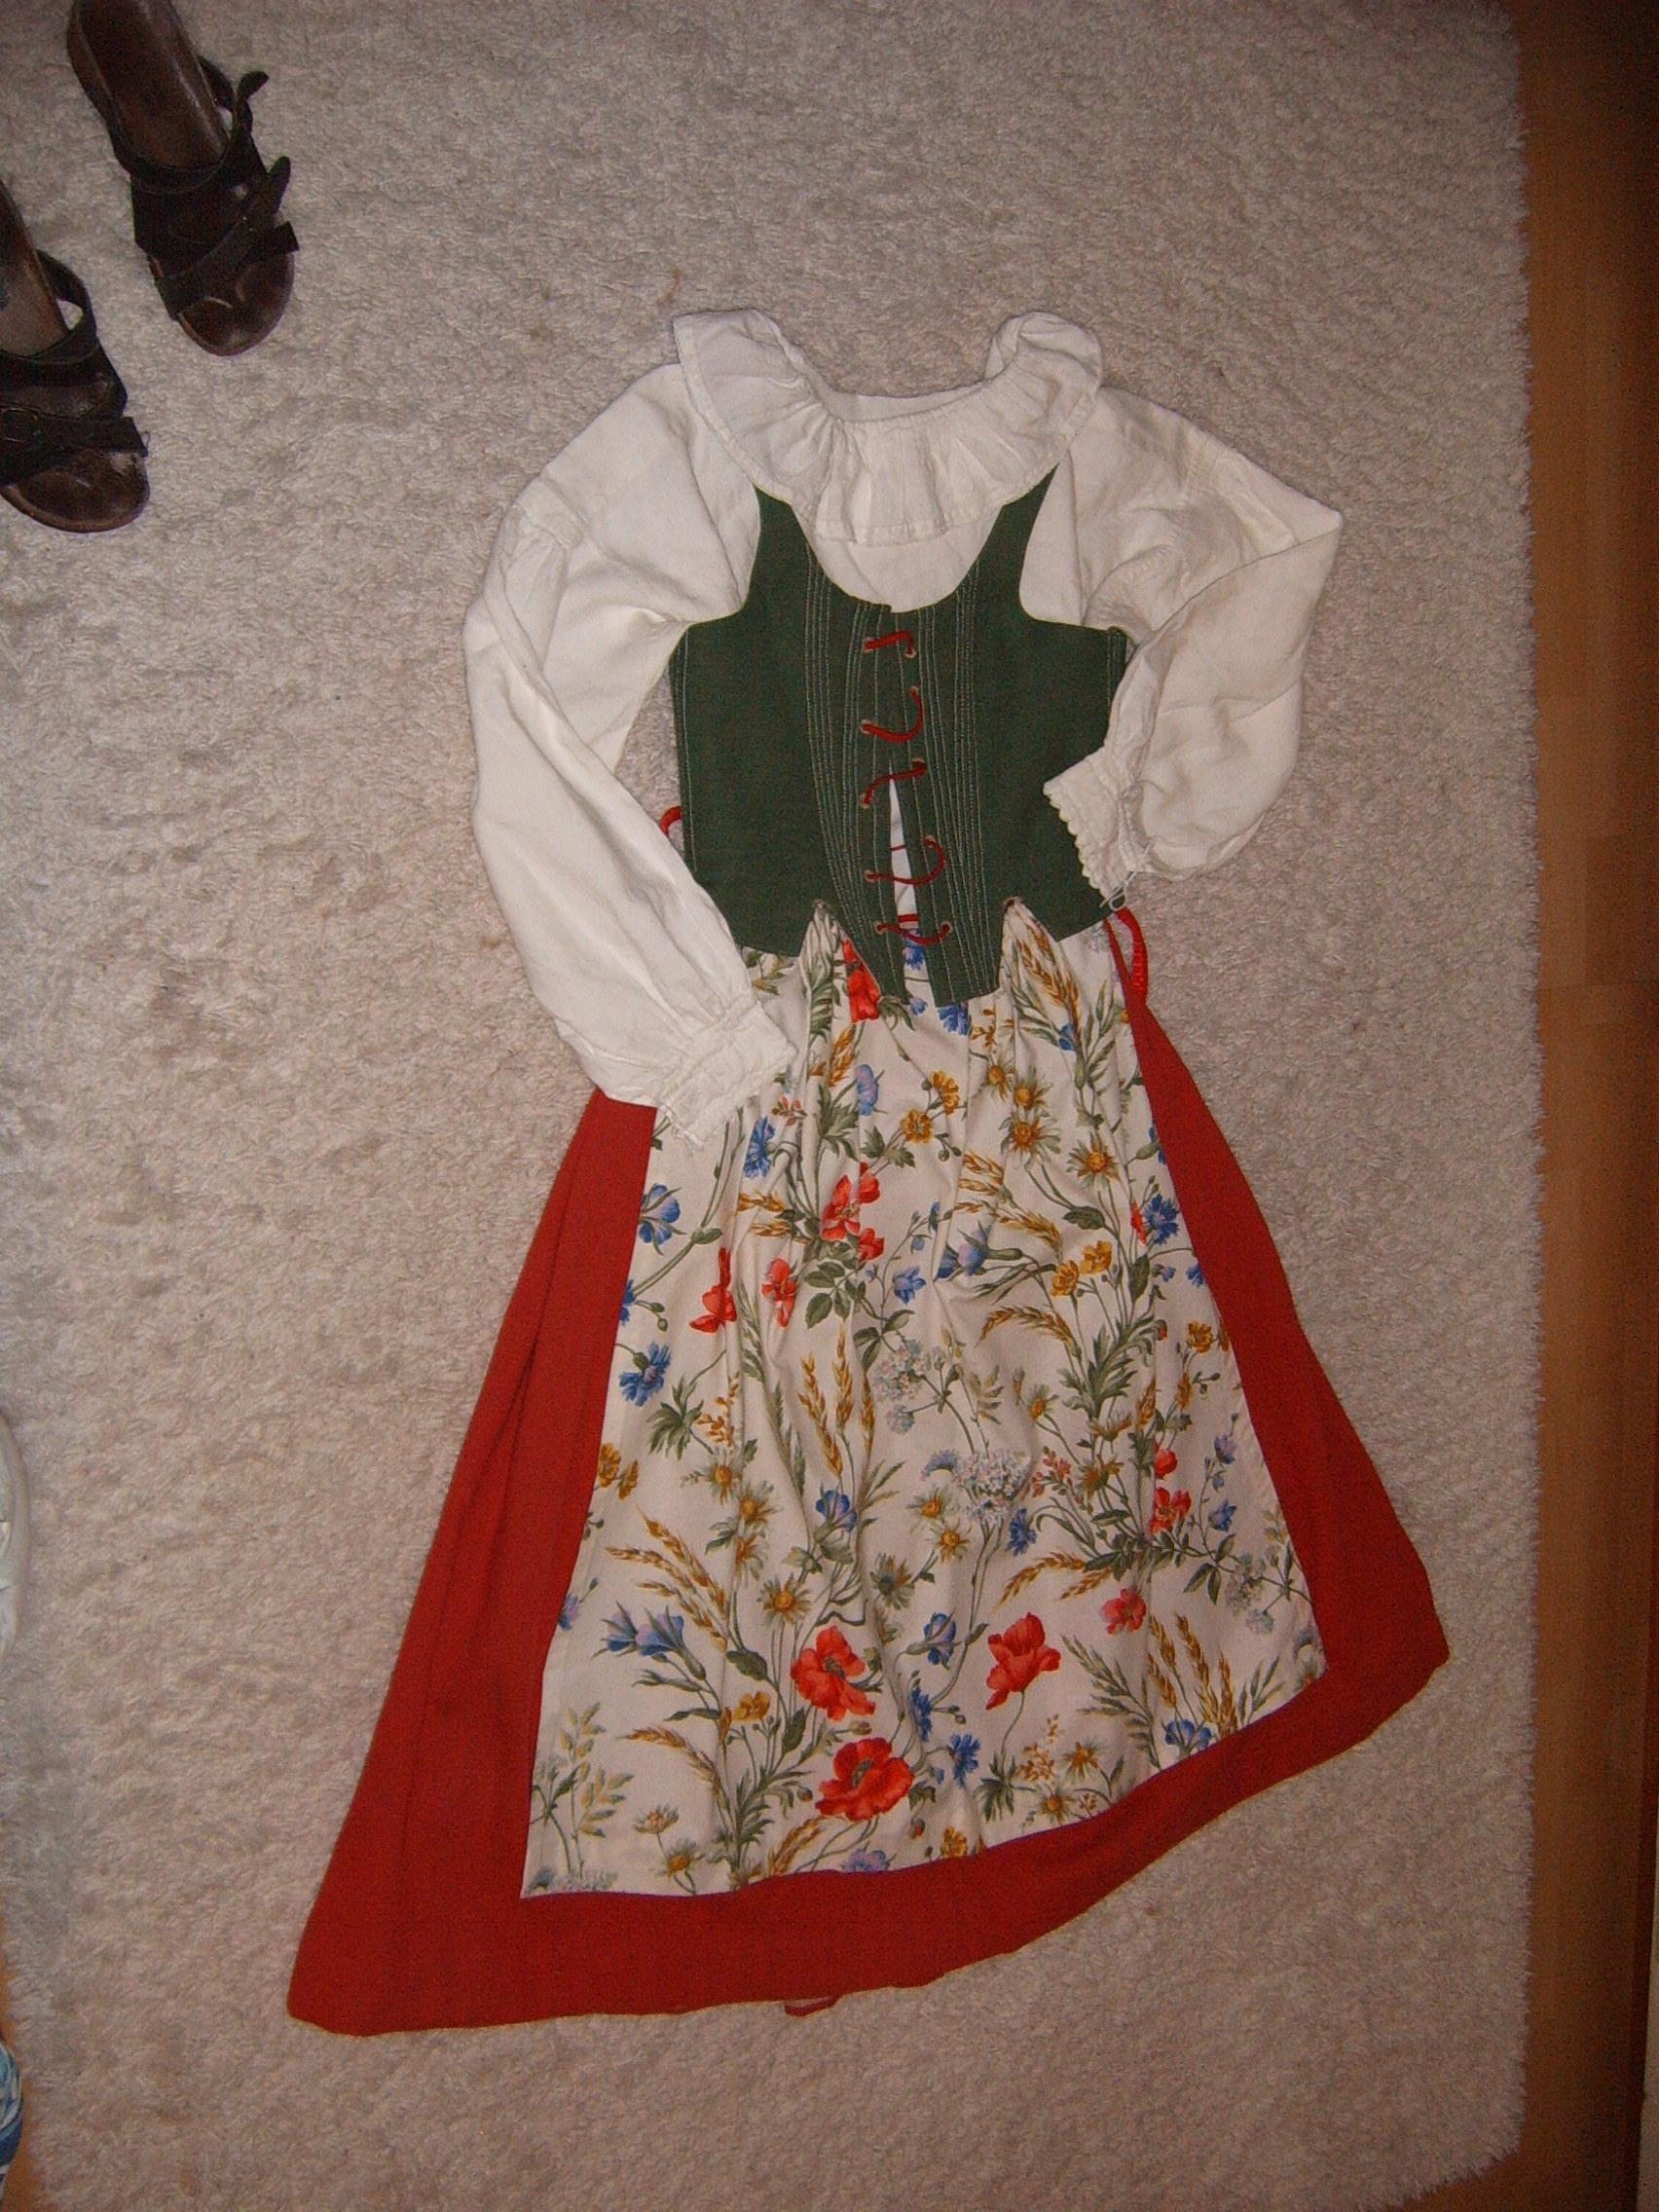 9fd6bd4782e3 med röd kjol, grönt livstycke, blommigt förkläde (ev. kan två förkläden  ingå) samt broderad särk. Säljes. Storlek ca 36-38. Prisidé: 4.000 kr.